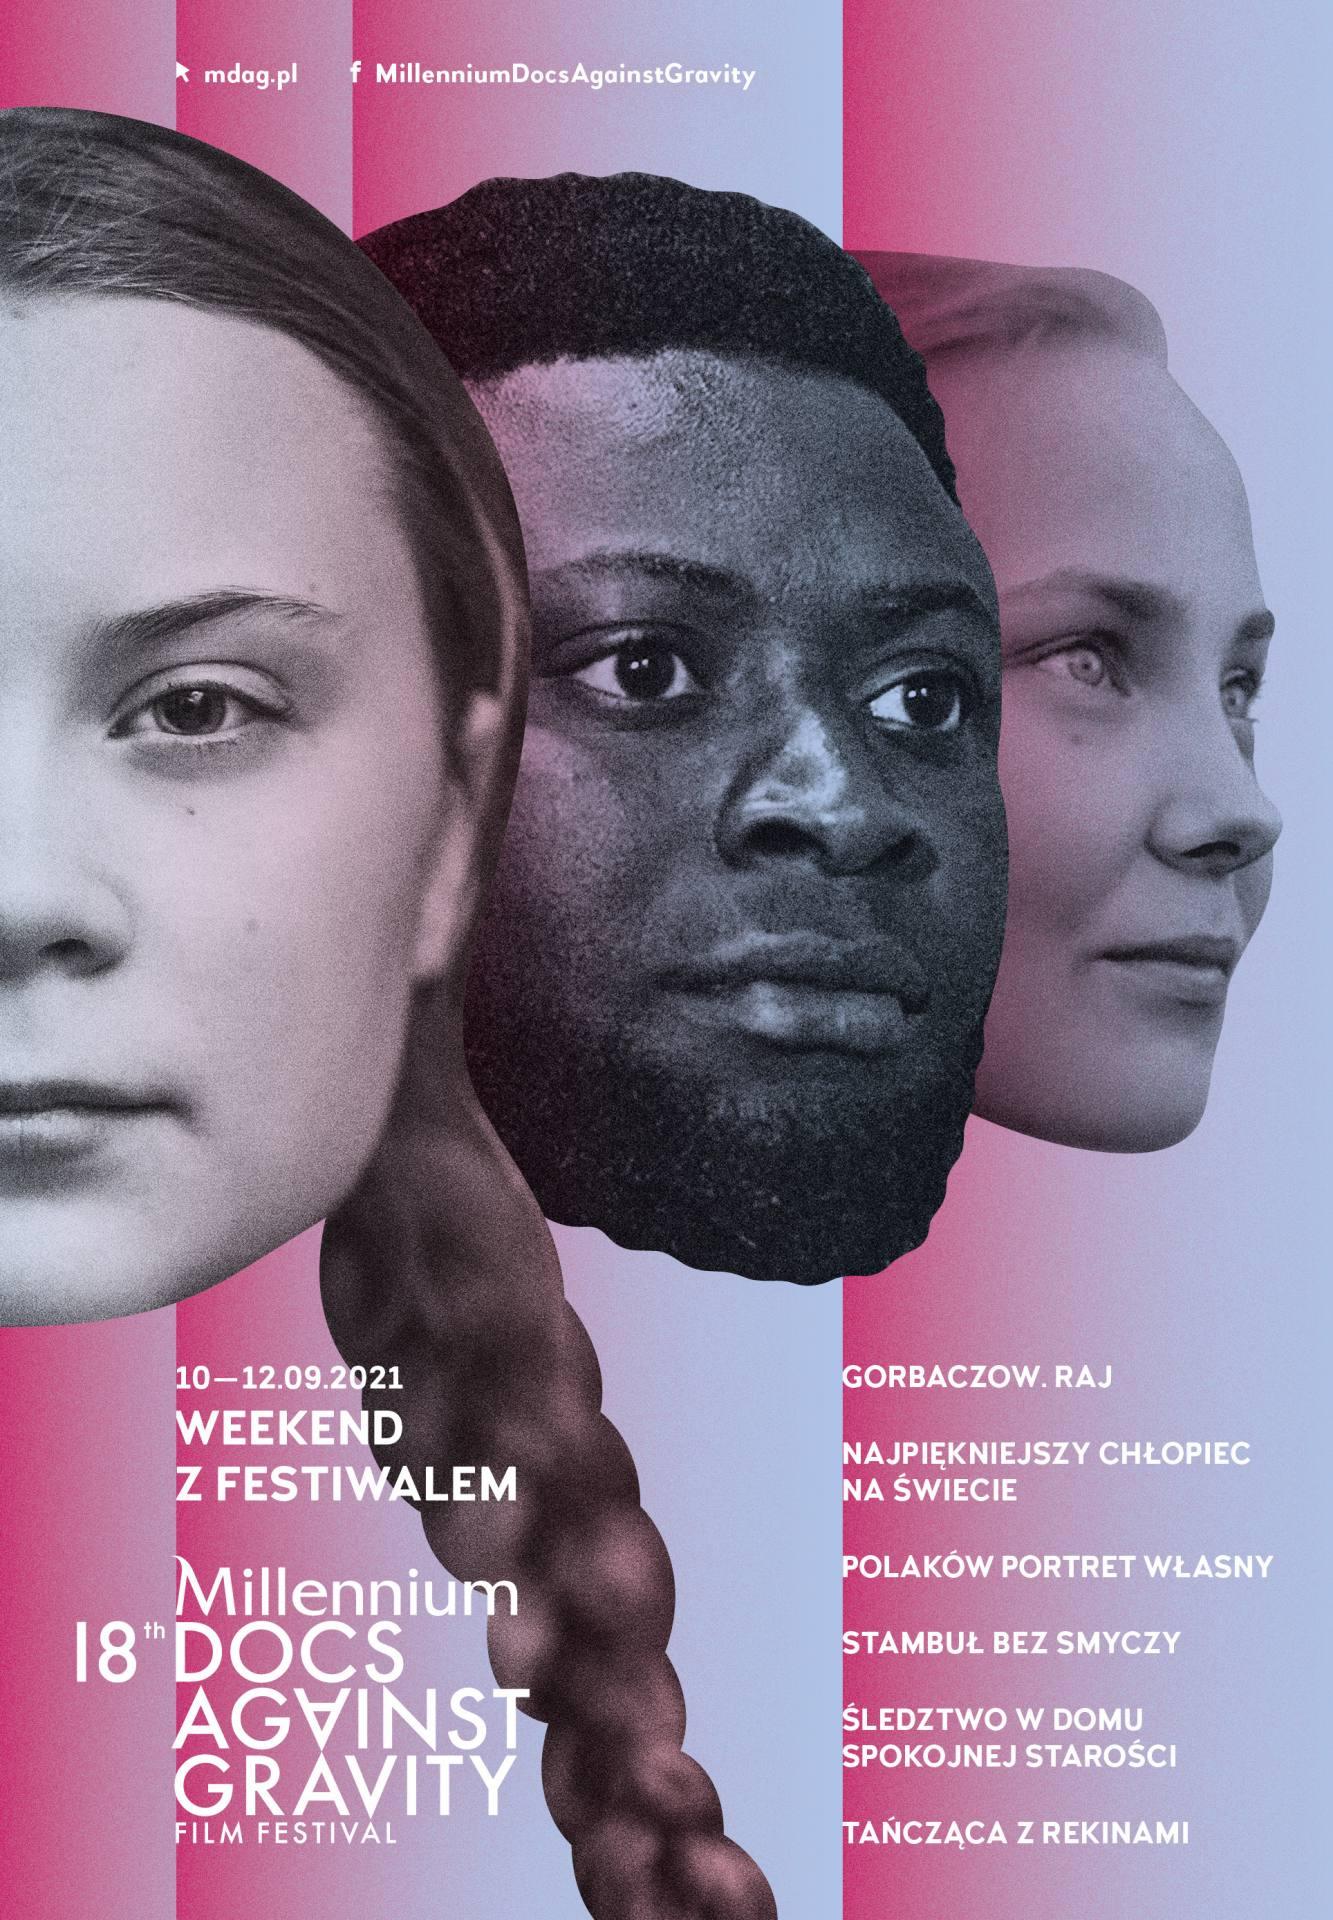 18mdag weekend z festiwalem plakat net 2 1 ZAMOŚĆ: Weekend z Festiwalem Millennium Docs Against Gravity